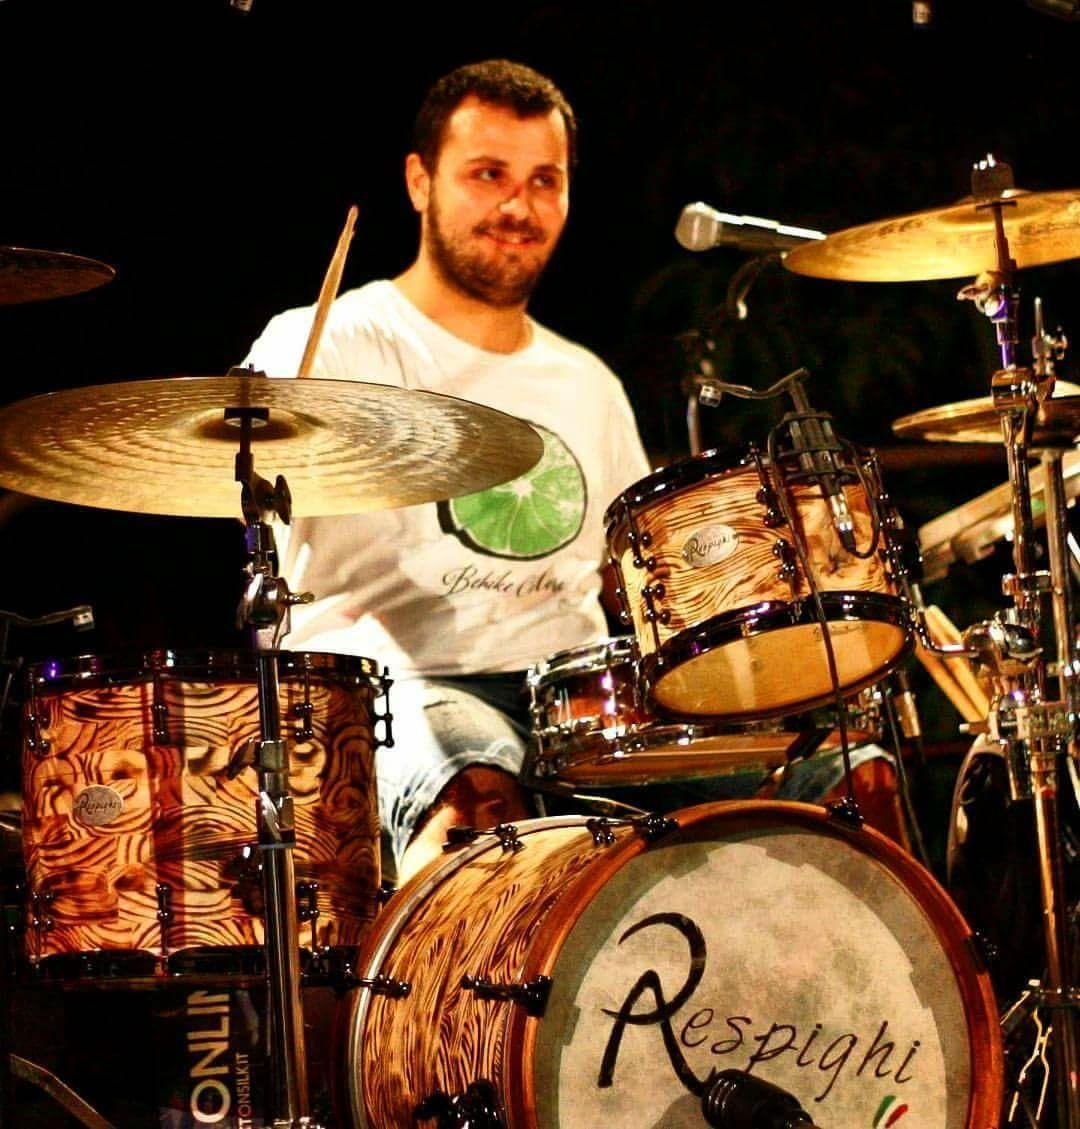 Gianmaria Nicoletta suona la sua batteria Respighi